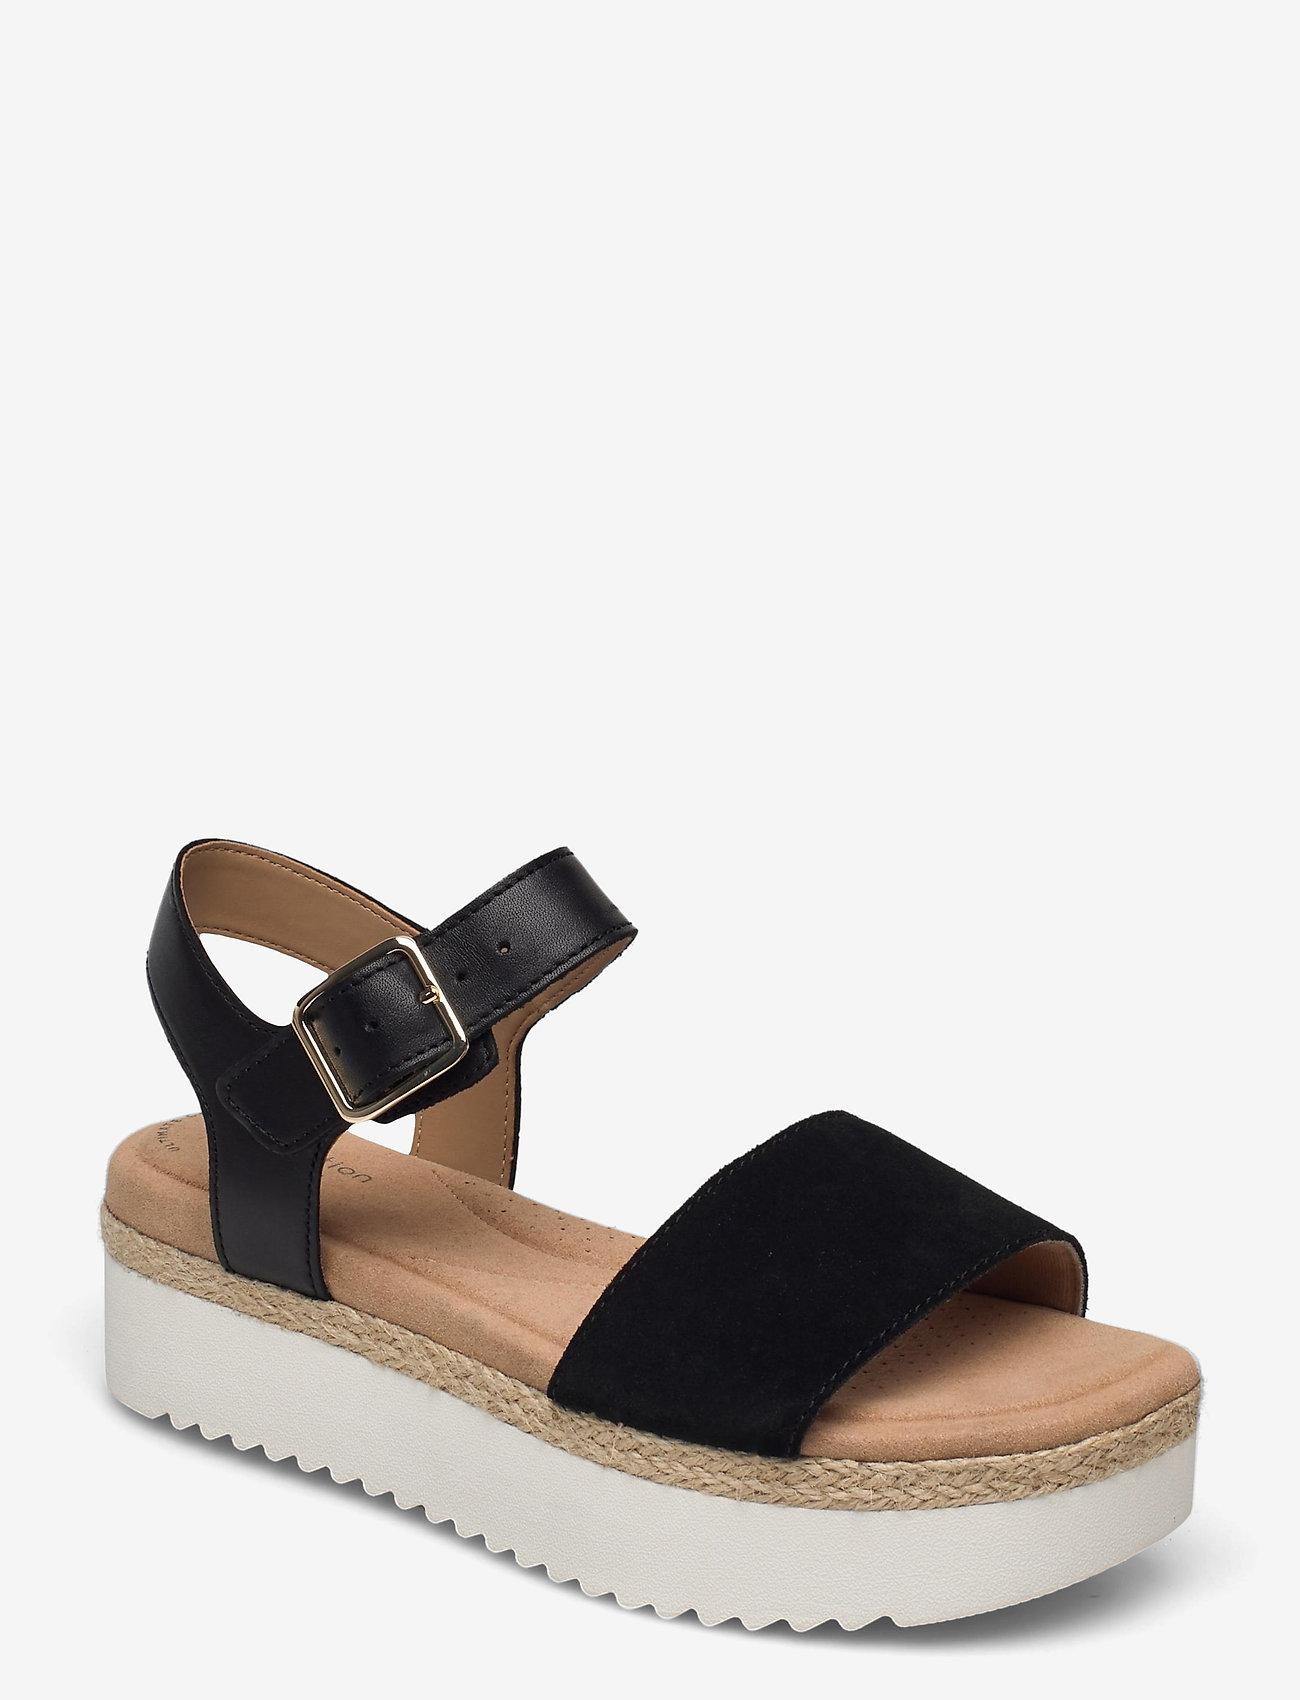 Clarks - Lana Shore - platta sandaler - black - 0